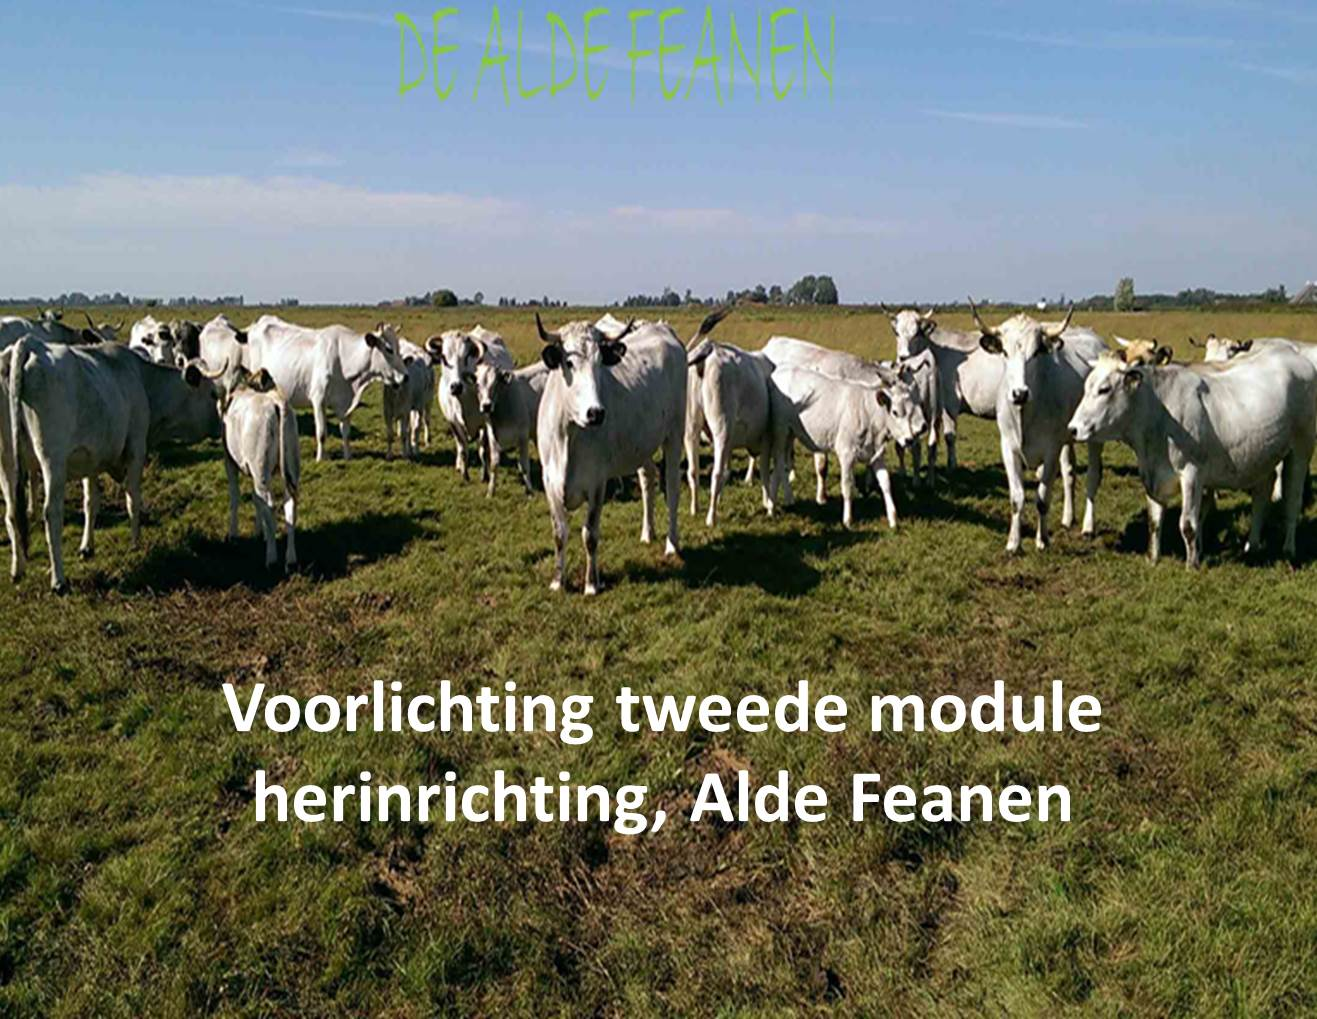 Voorlichting tweede module herinrichting, Alde Feanen